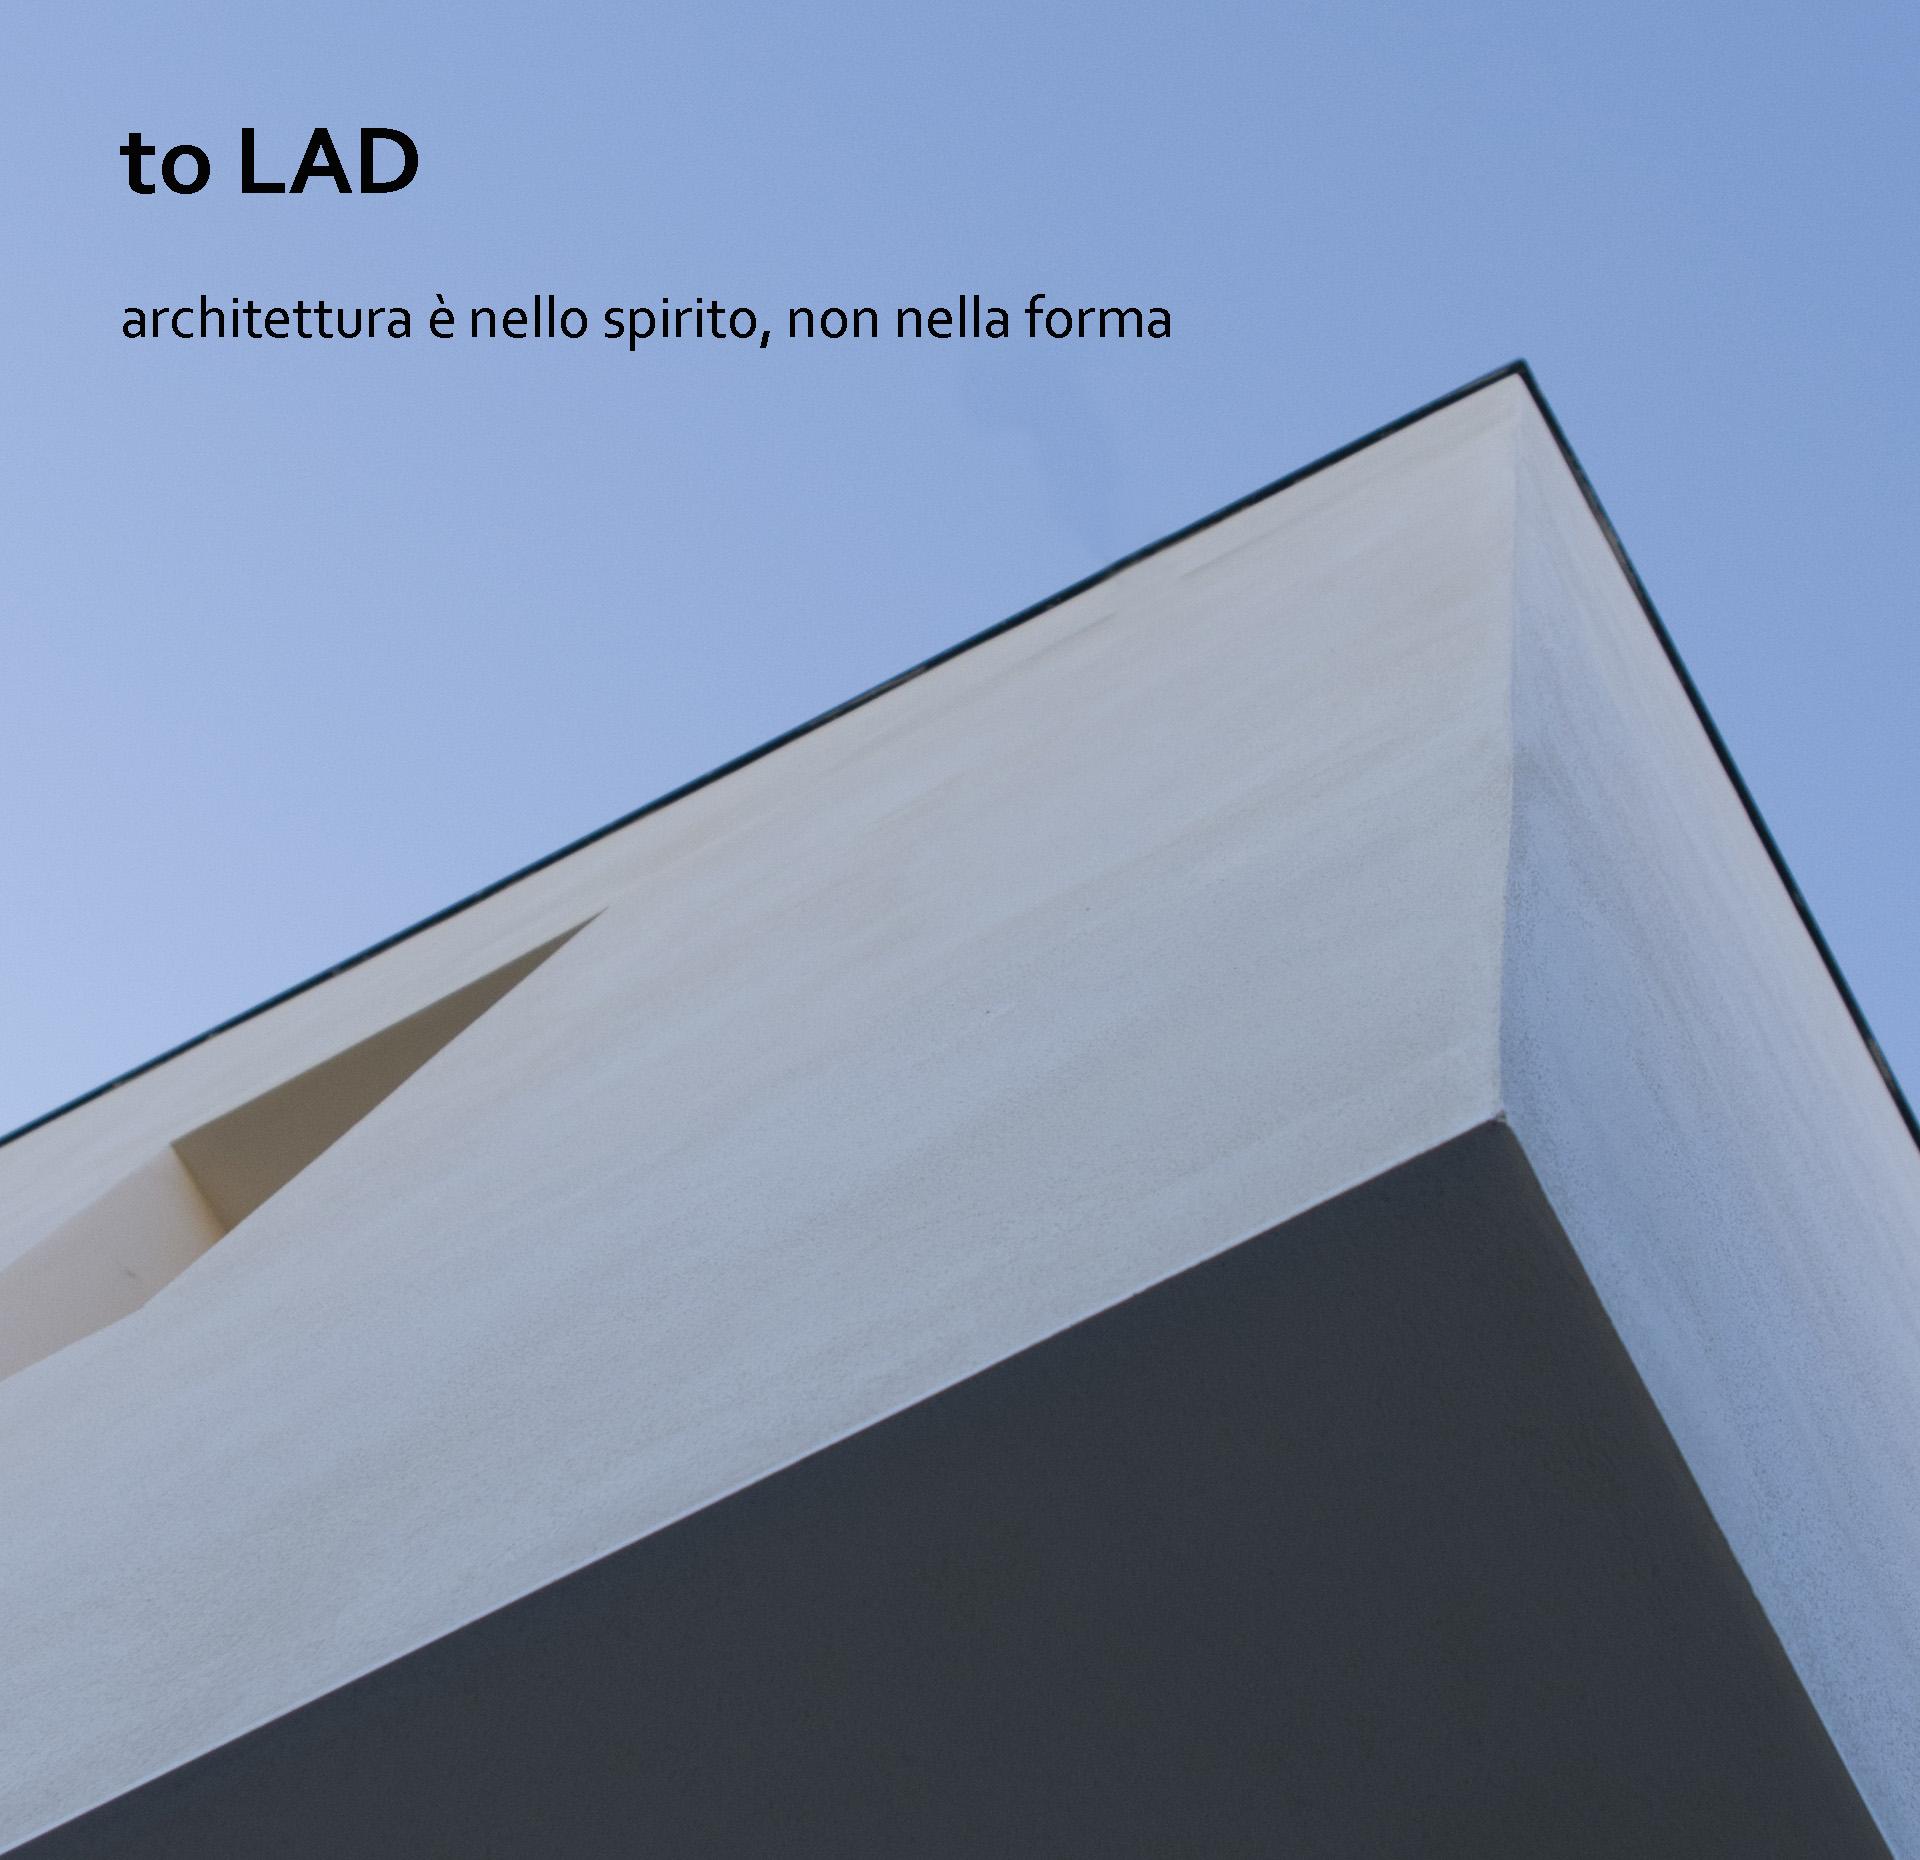 Architettura è nello spirito, non nella forma.